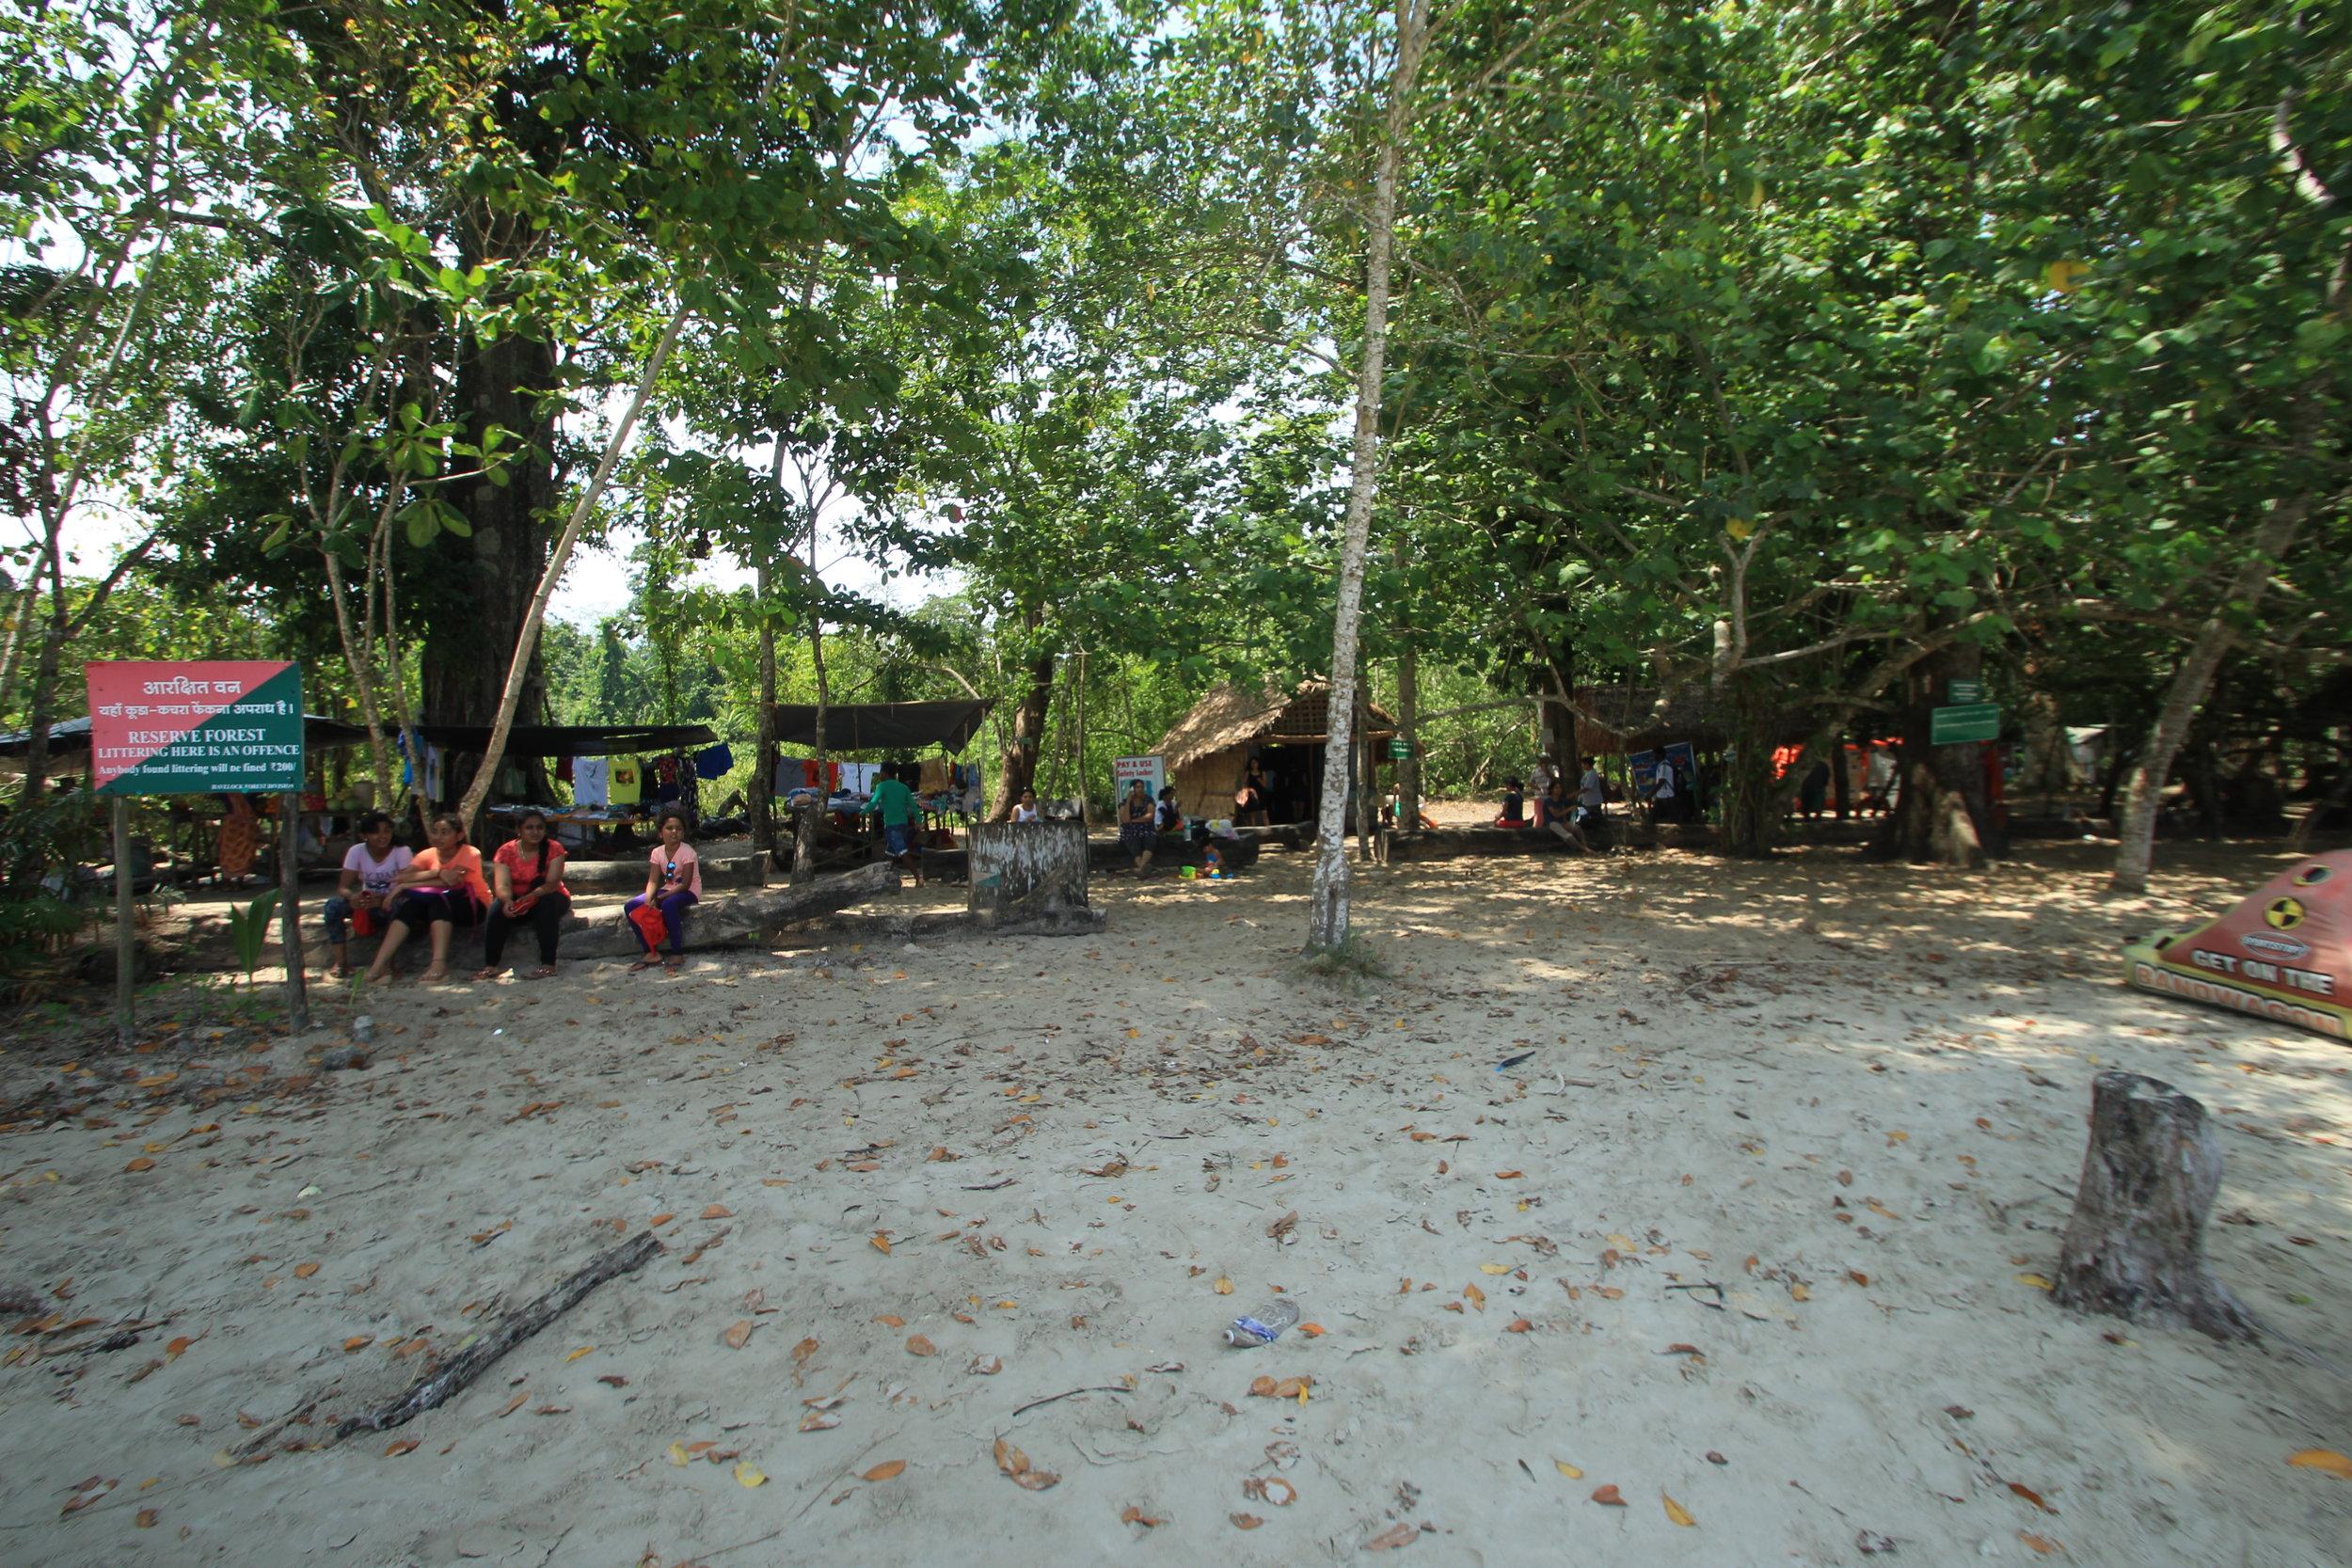 Beachside vendors